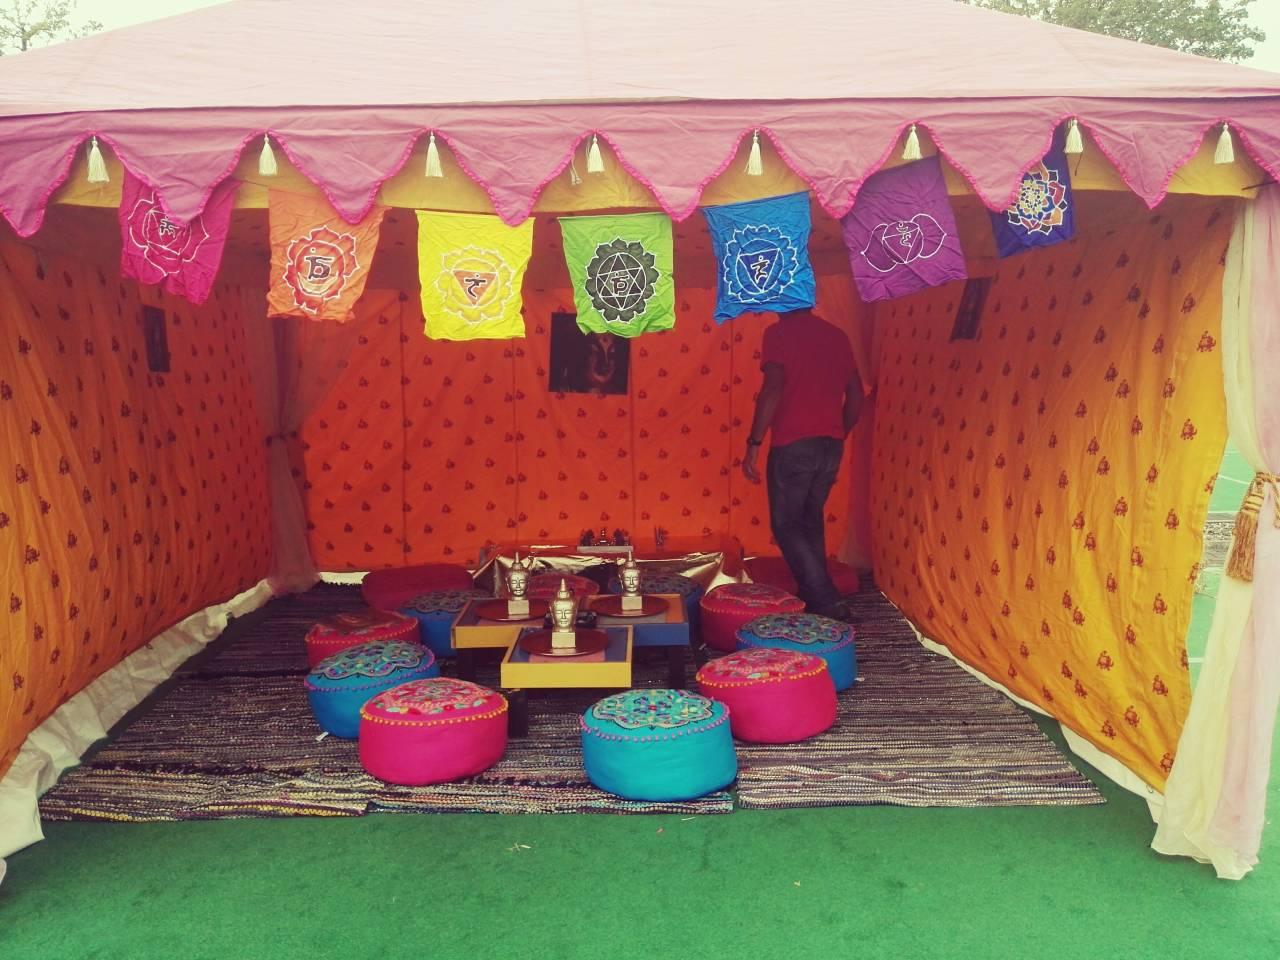 Betriebsfest Hannover Orientalische 1001 nachten Zelte